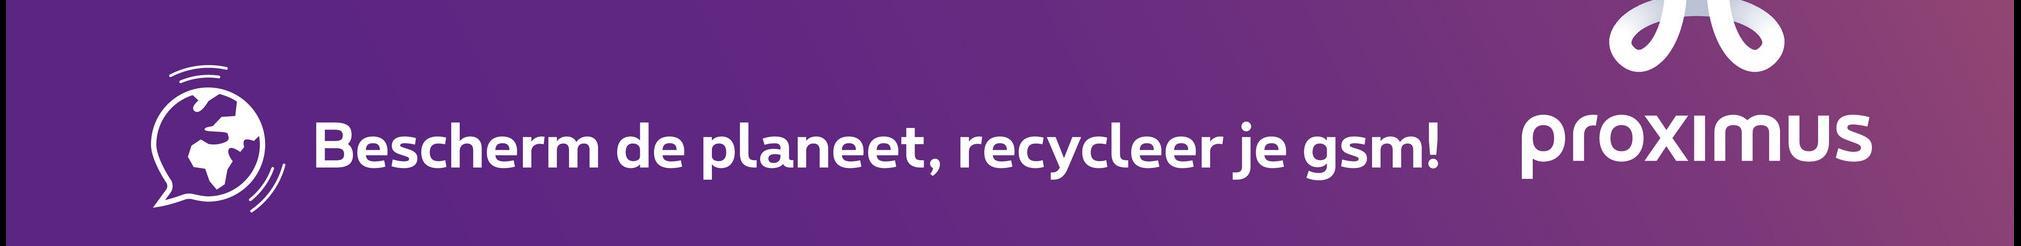 Bescherm de planeet, recycleer je gsm! proximus